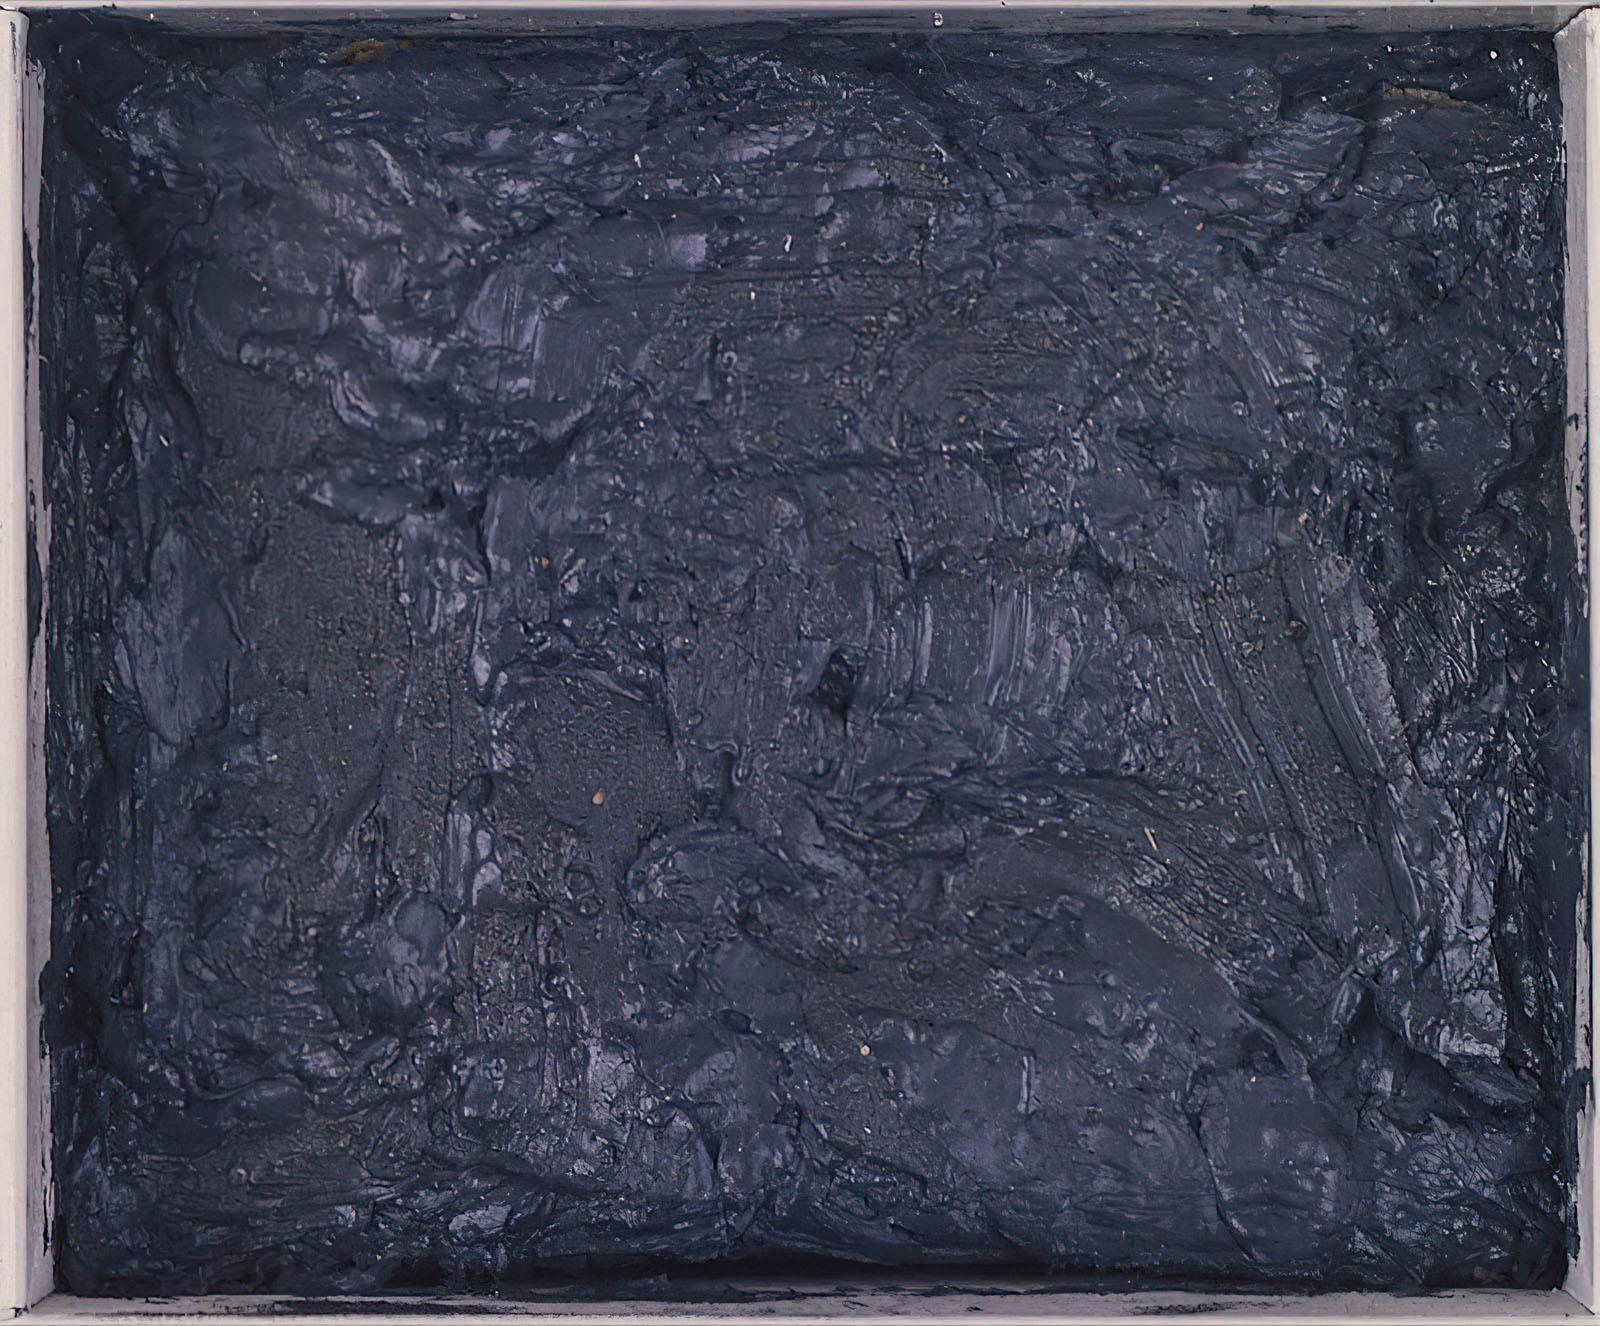 Brice Marden - Untitled